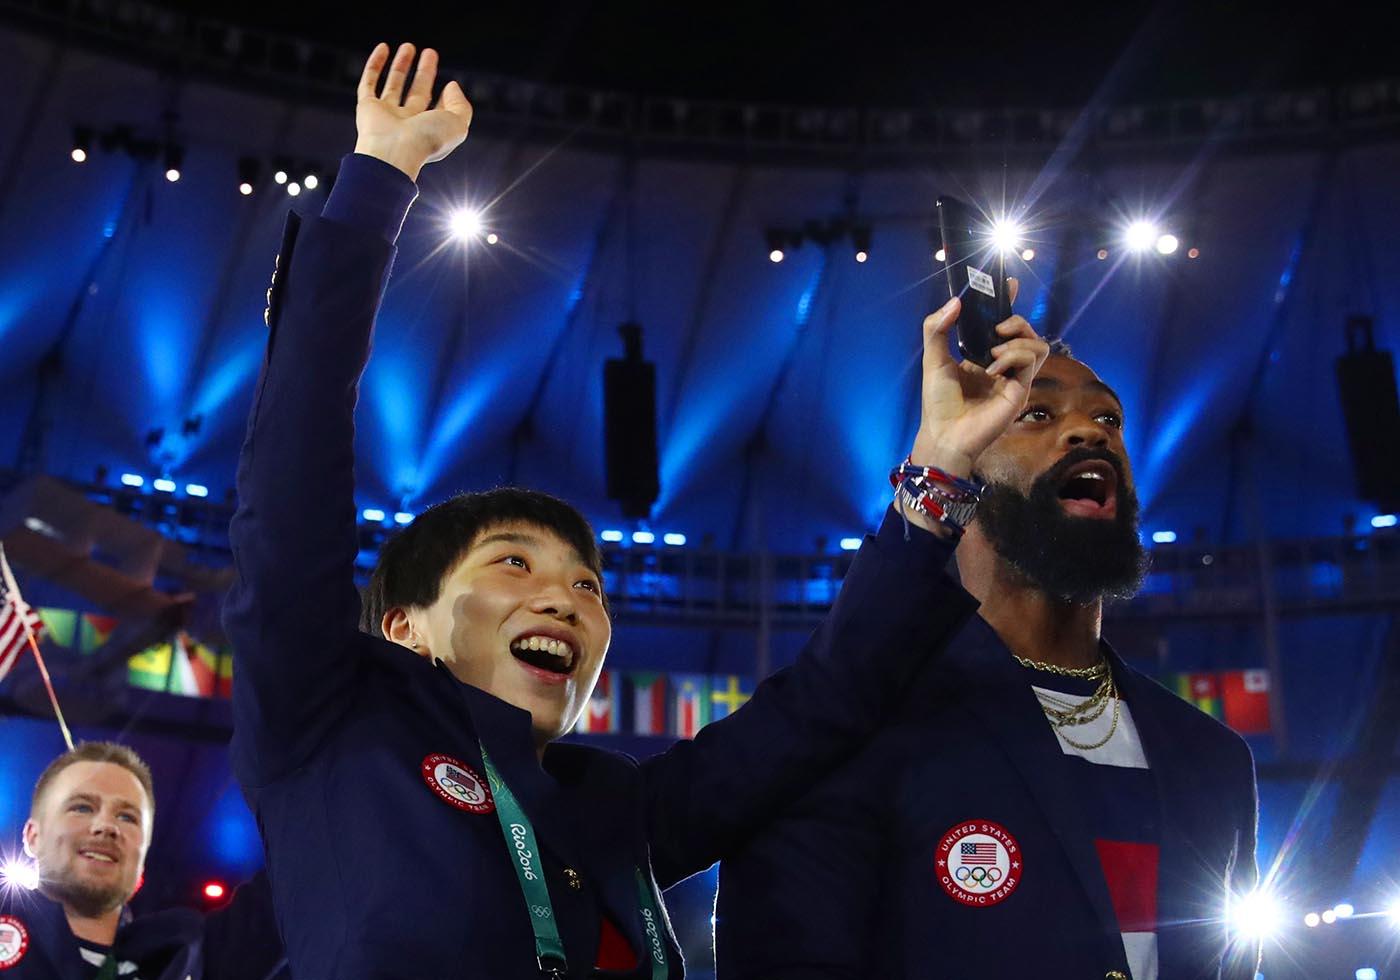 Corea del Norte confisca a sus deportistas los Galaxy S7 obsequio de Samsung